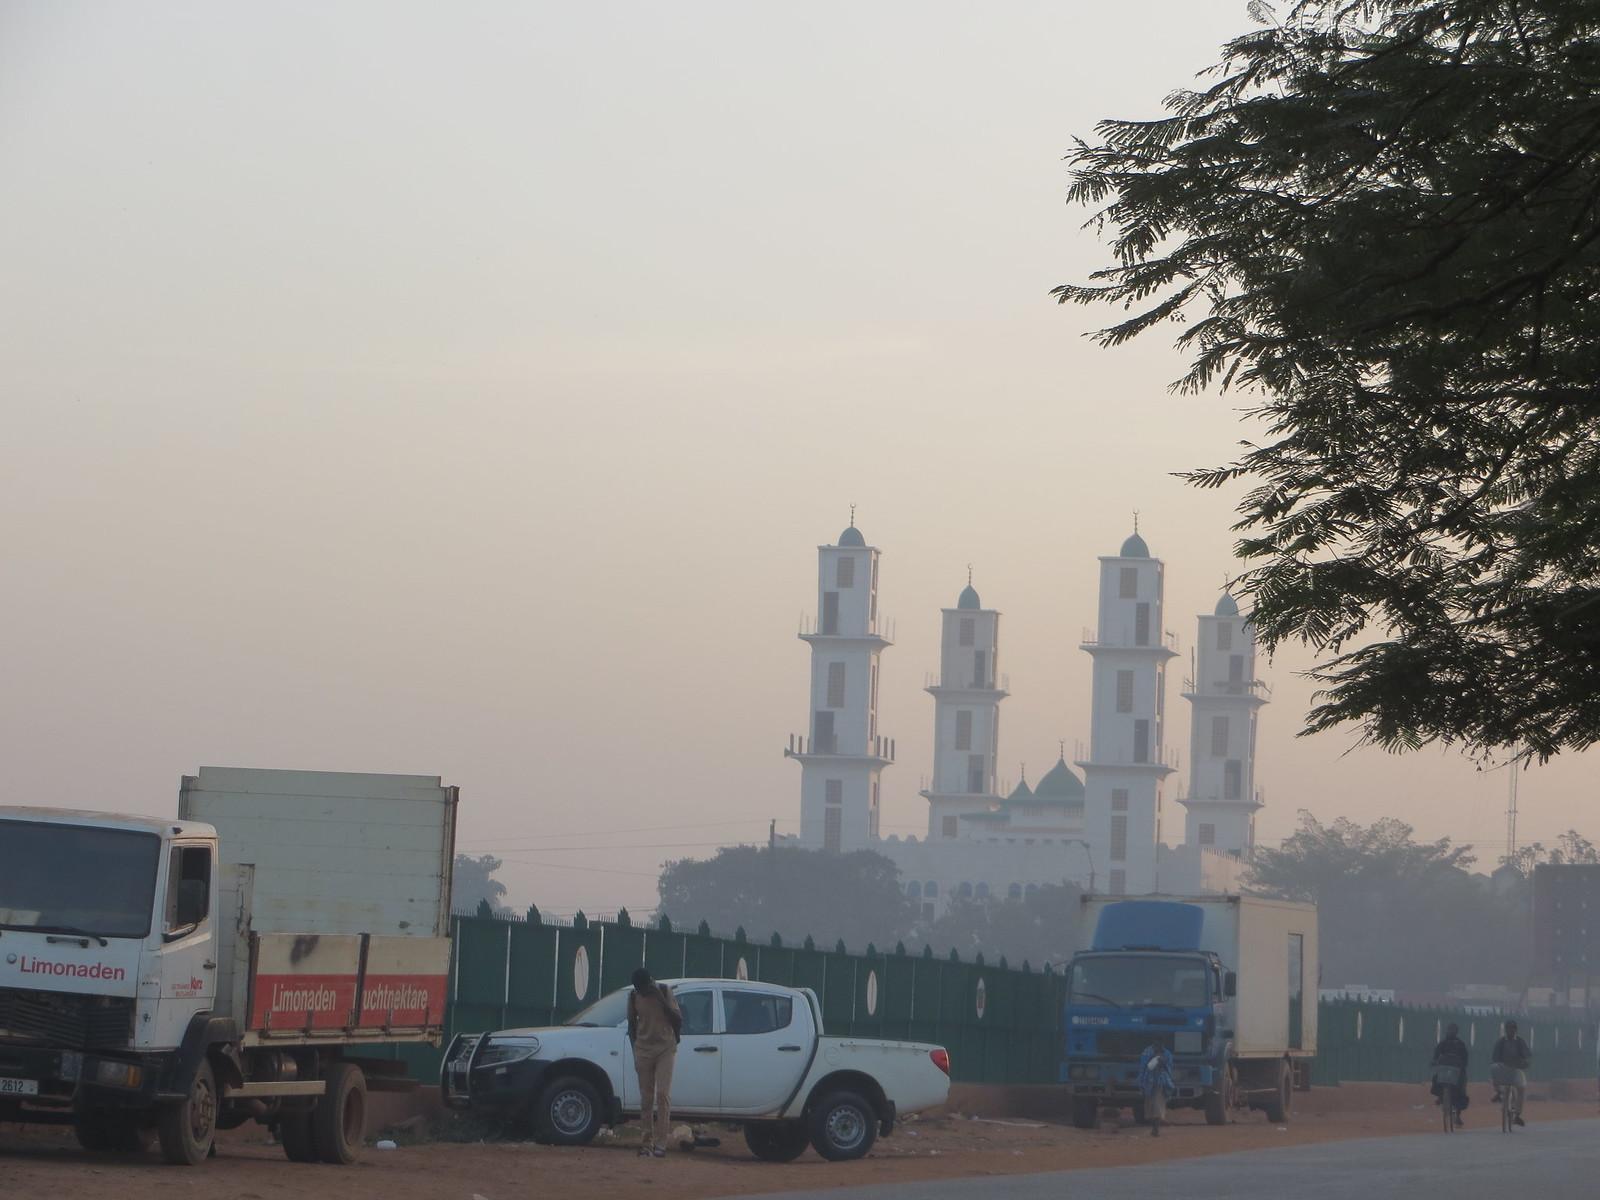 IMG_6140 20181123 Ouagadougou